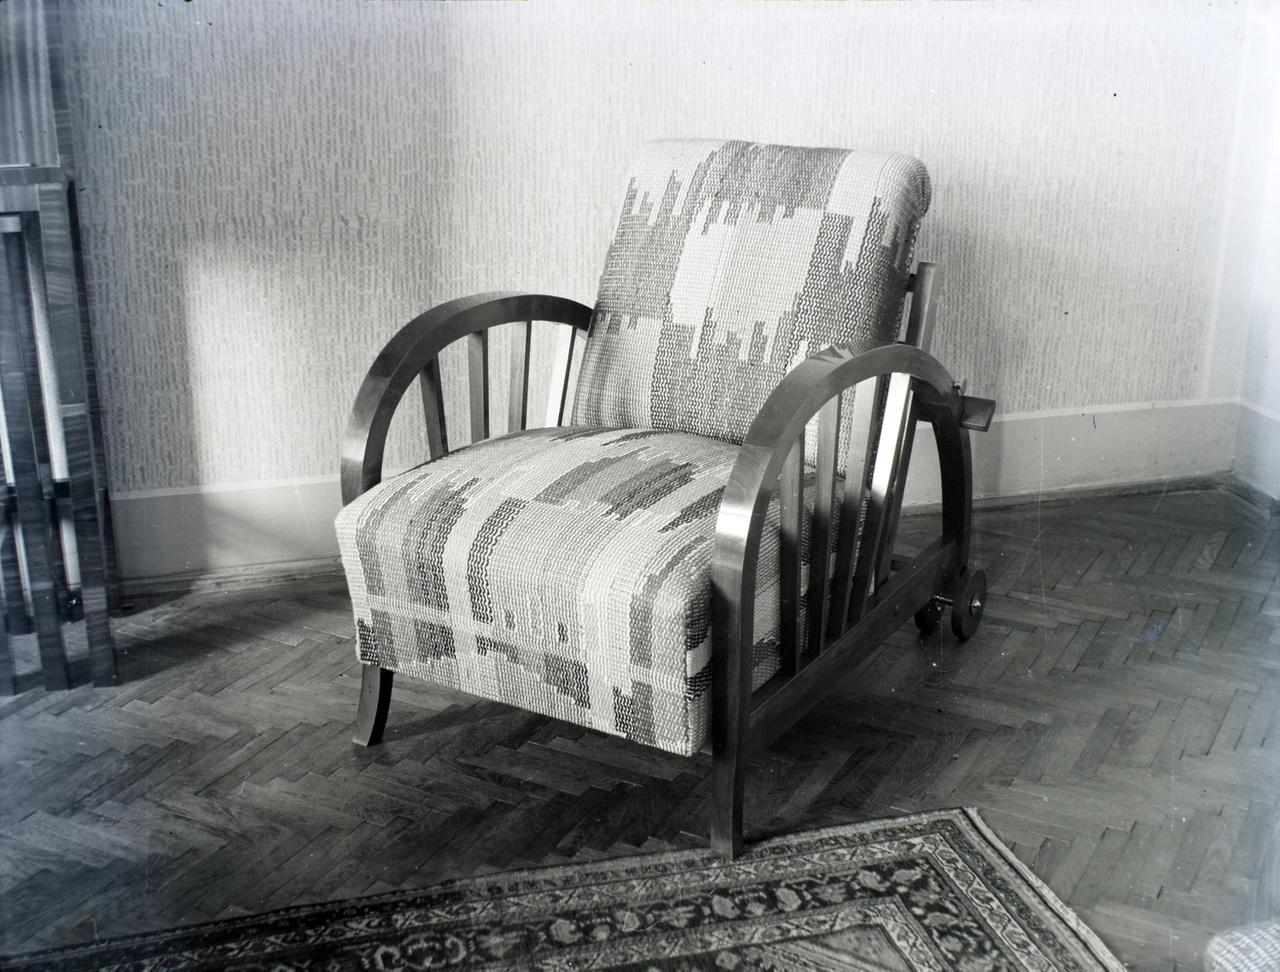 Egy jellegzetes, felismerhető Feuer-Kurtz darab. Reklámcélokra kis fotóalbumokat is készíttettek, de ezek nem maradtak fenn a hagyatékban.